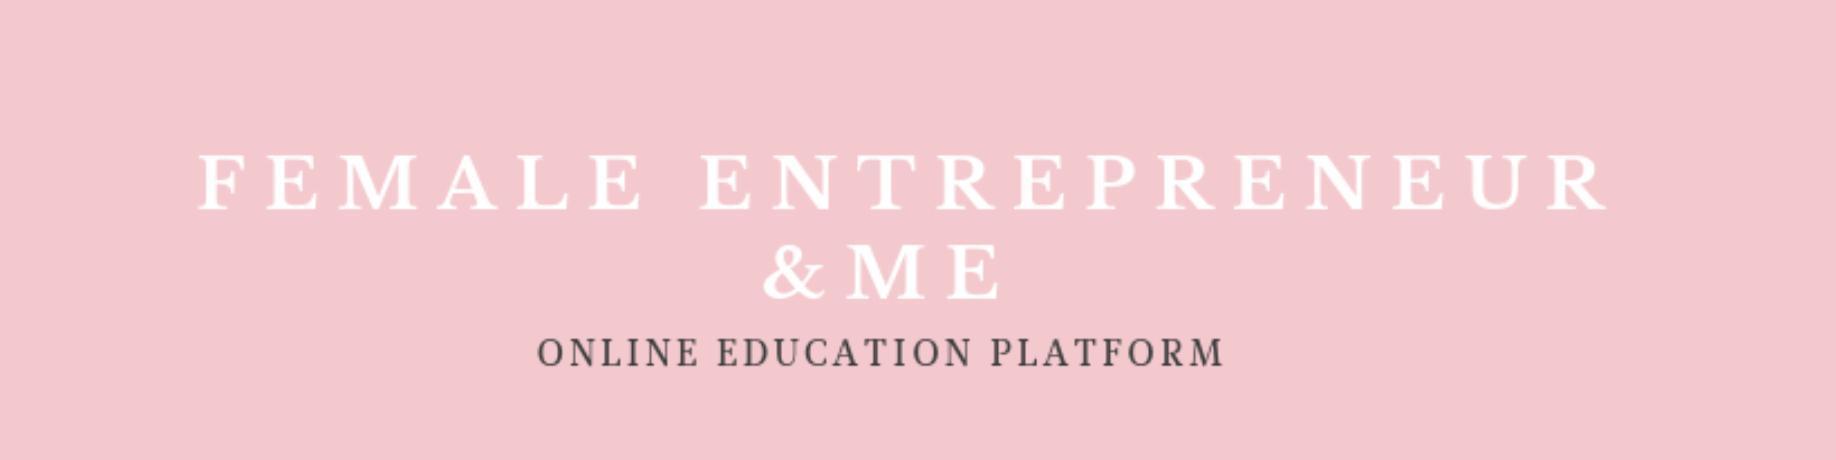 Female Entrepreneur & Me 教育平台